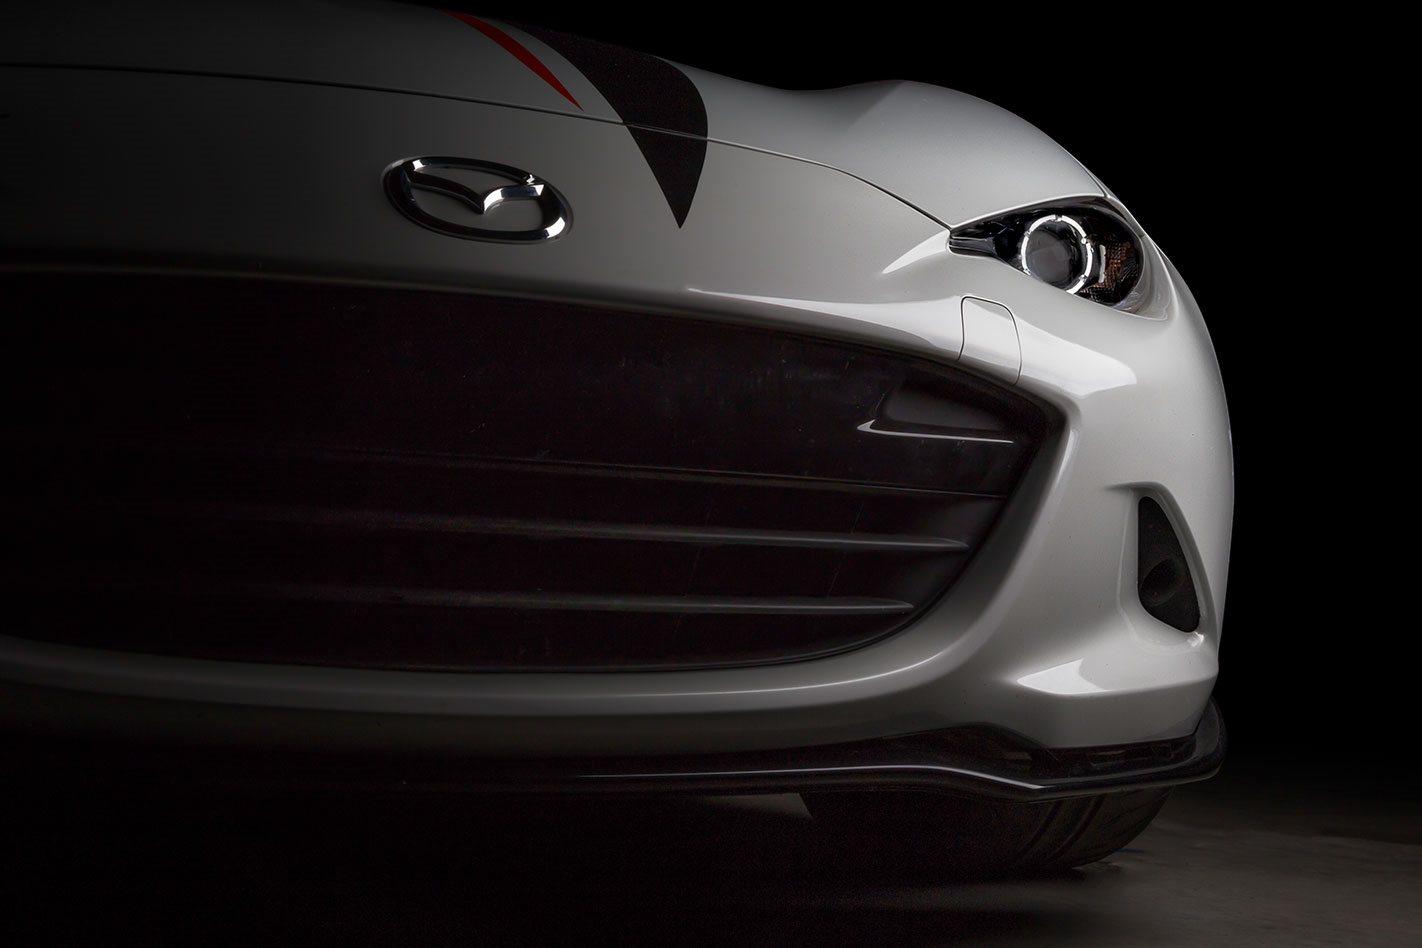 Flyin' Miata: V8 Mazda MX-5